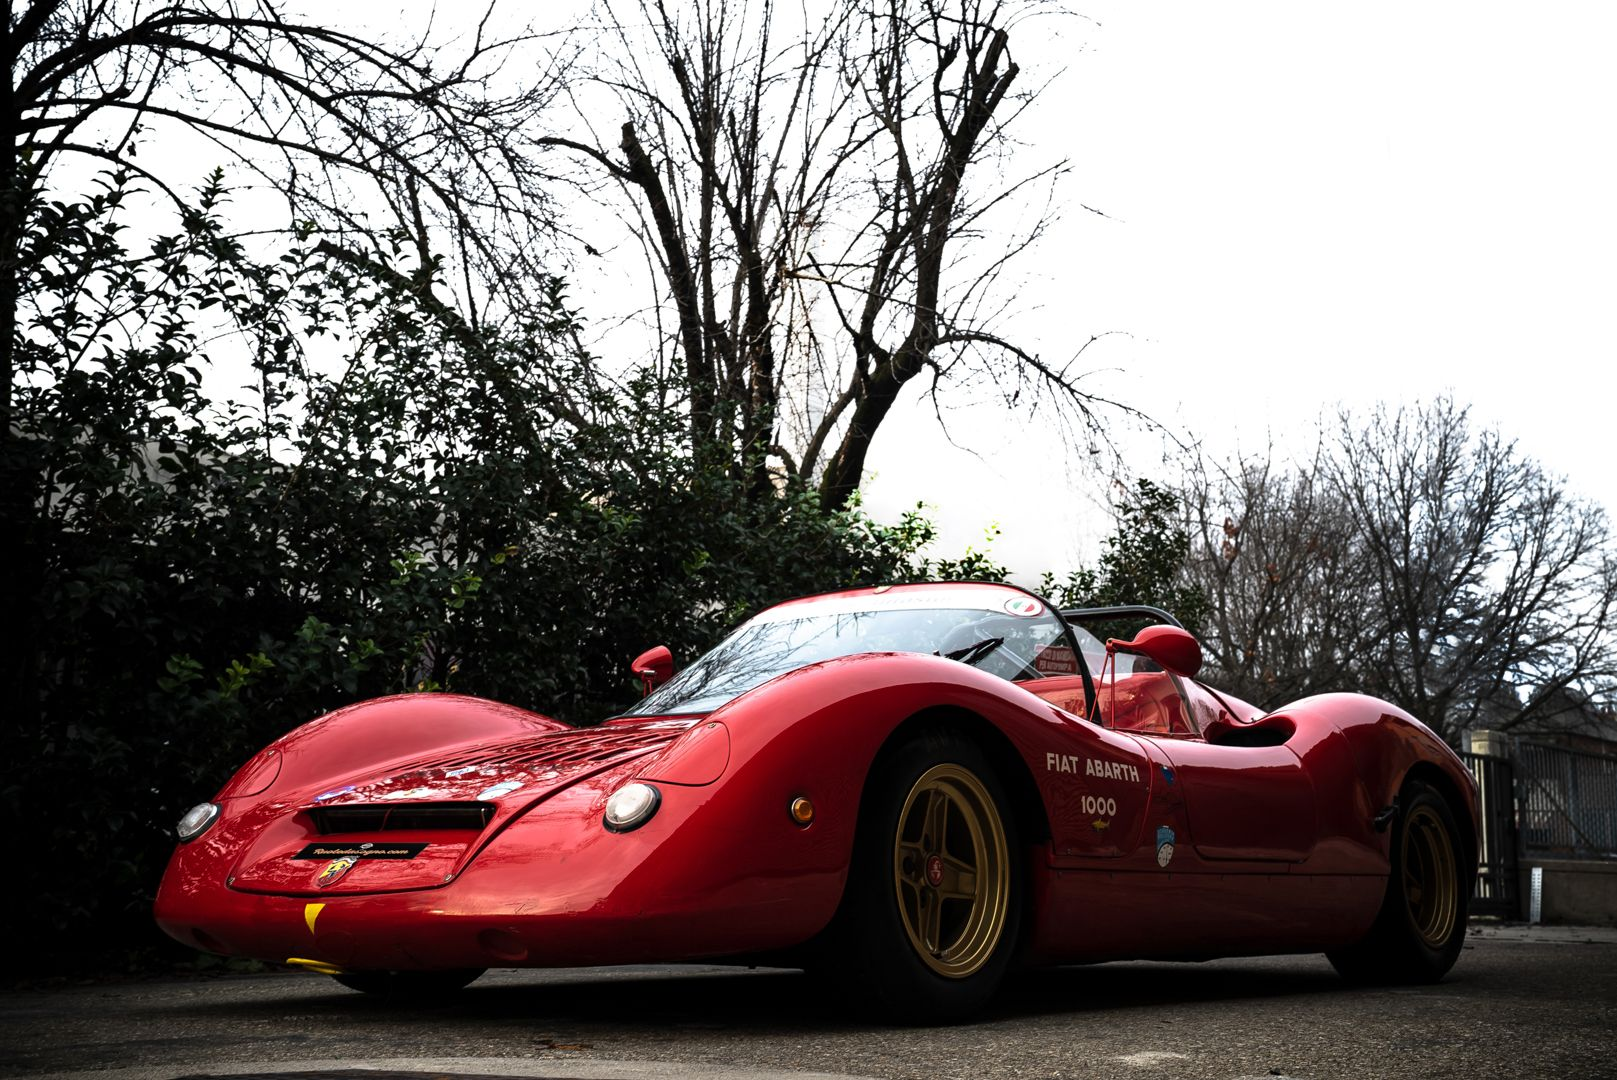 1968 Fiat Abarth 1000 SP 57325